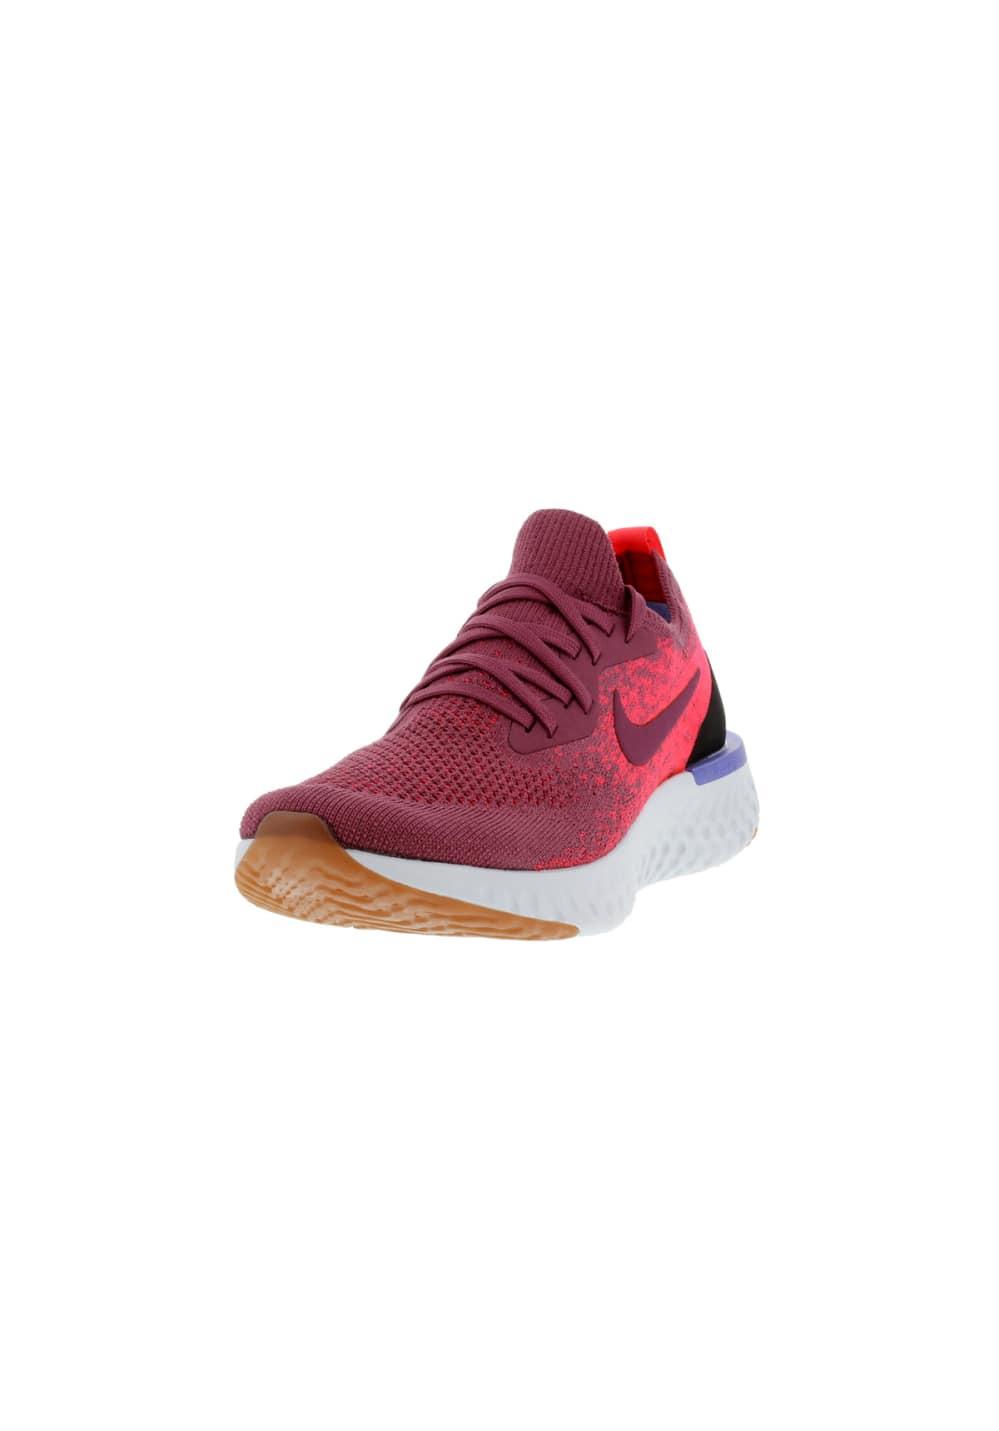 7b2952fa5ab08 Next. -60%. Nike. Epic React Flyknit - Laufschuhe für Damen. Regulärer  Preis  ...